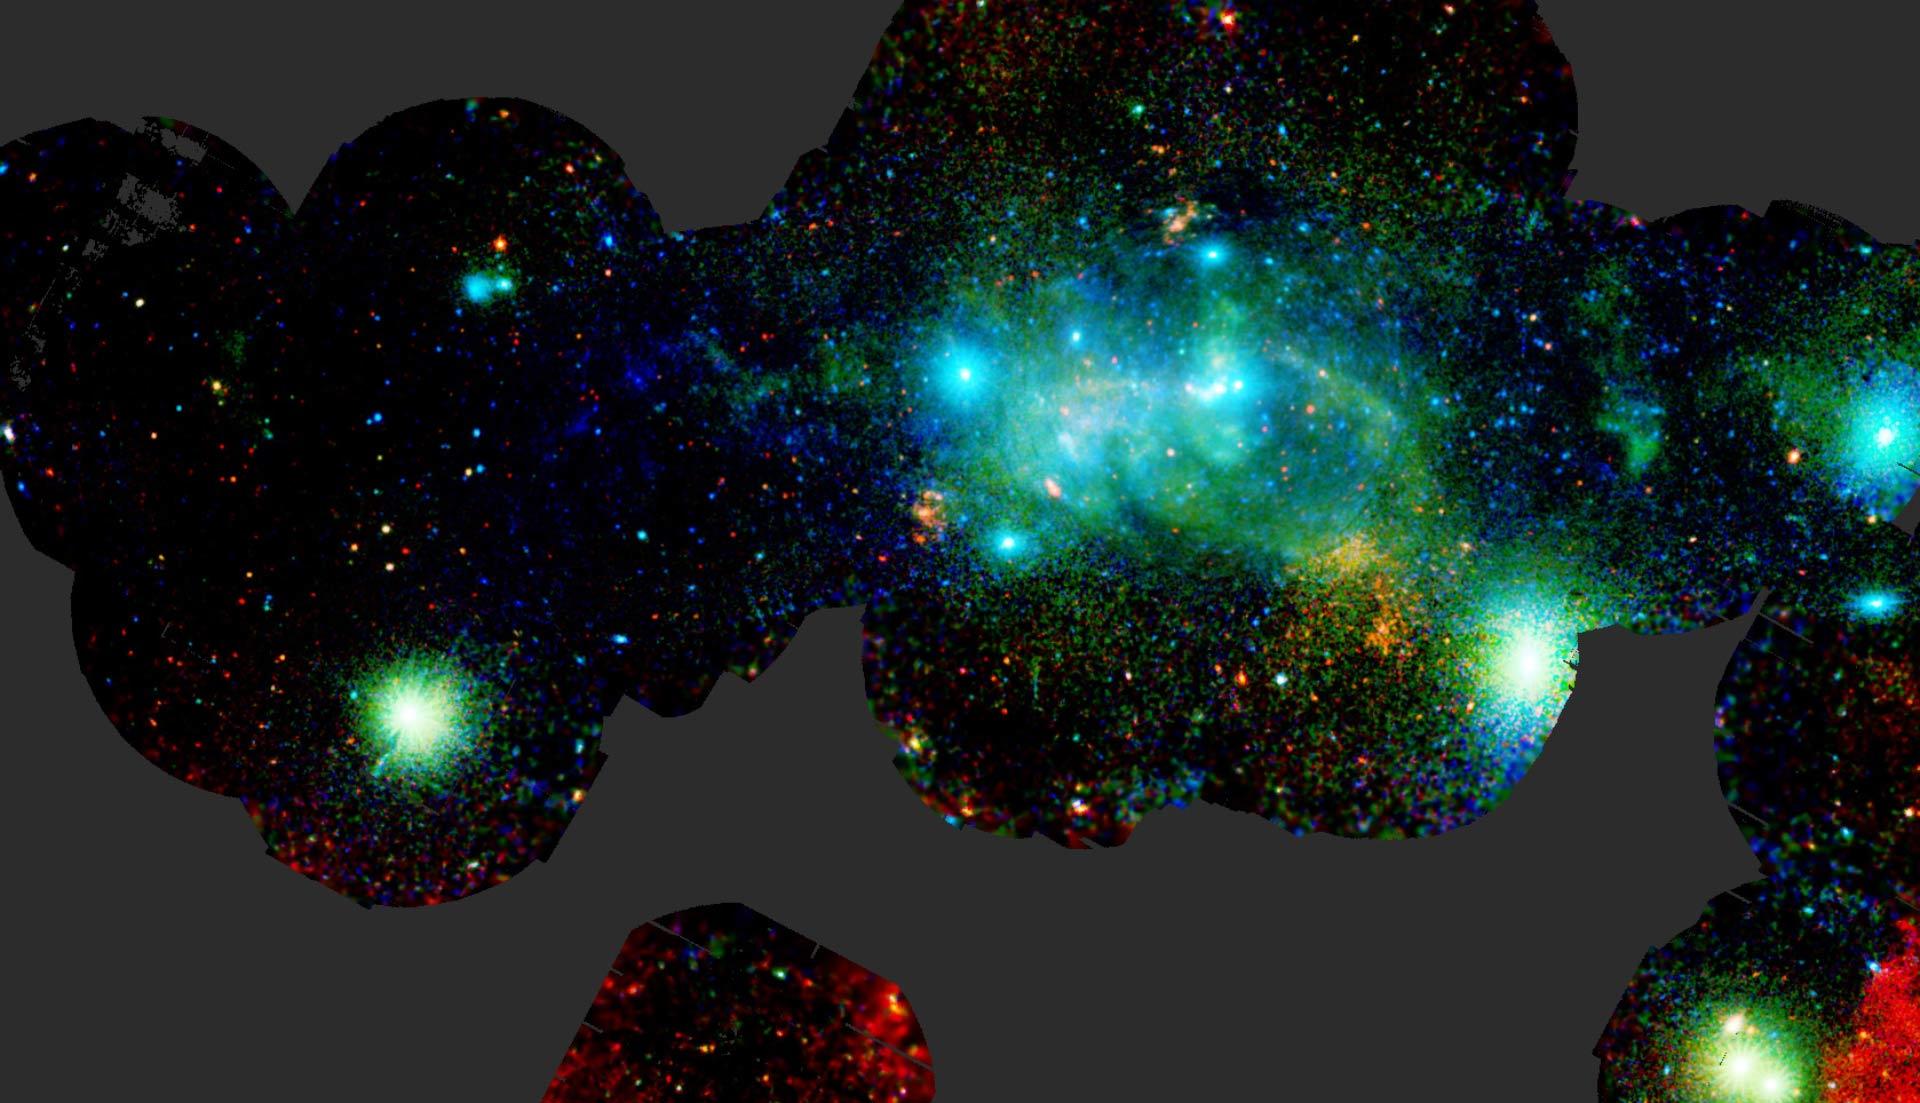 تصویری پرتو ایکس از مرکز کهکشان راه شیری